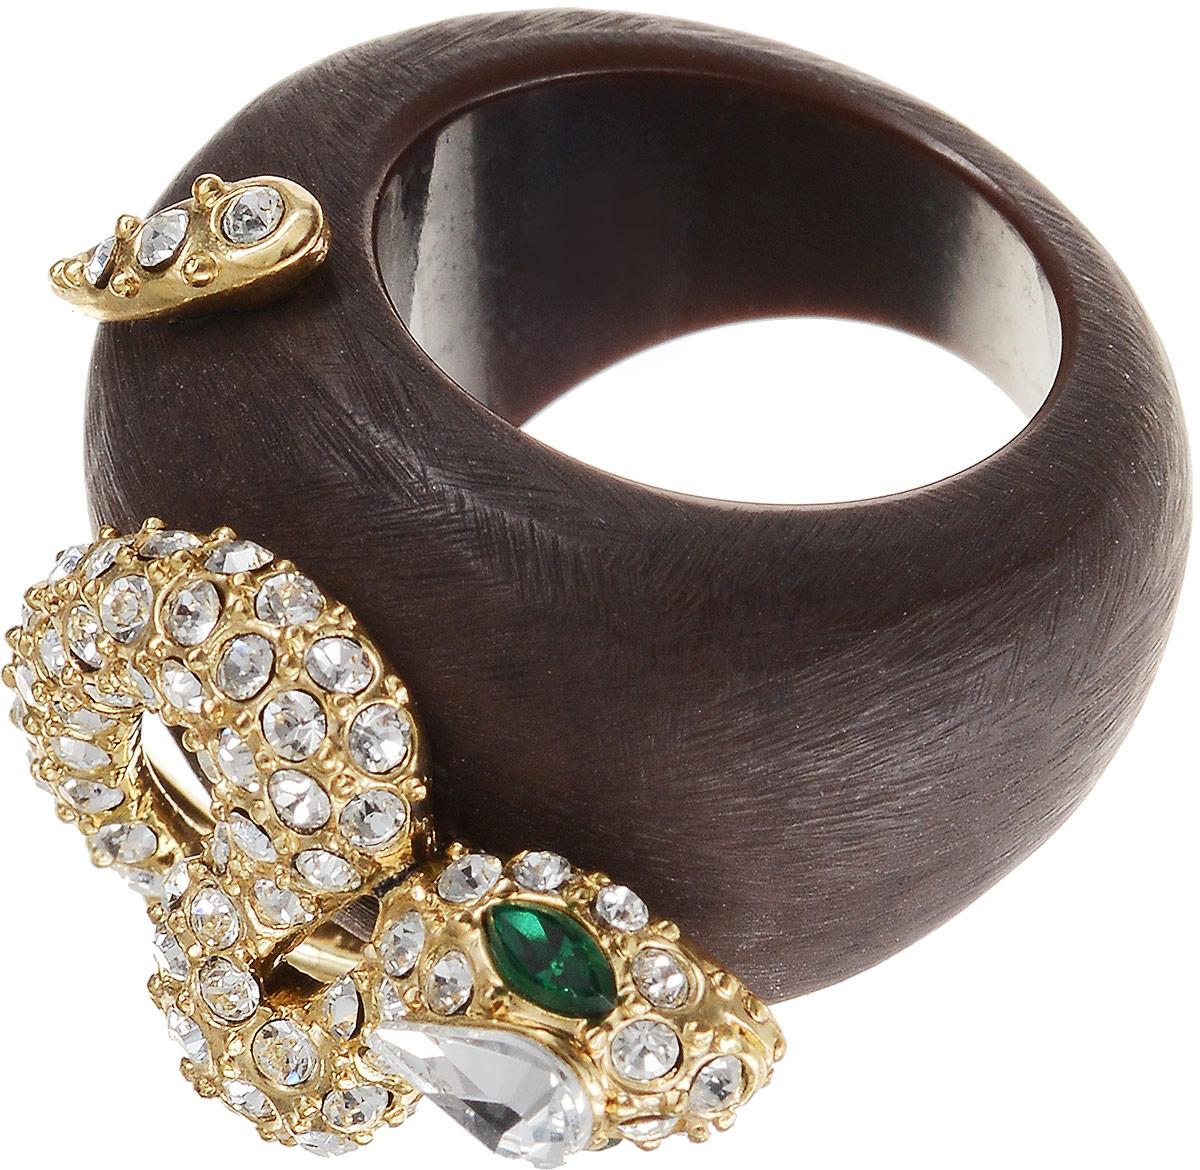 Кольцо Art-Silver, цвет: коричневый. М456-500. Размер 17,5Коктейльное кольцоОригинальное кольцо Art-Silver выполнено из бижутерного сплава с гальваническим покрытием. Кольцо украшено декоративными вставками.Элегантное кольцо Art-Silver превосходно дополнит ваш образ и подчеркнет отменное чувство стиля своей обладательницы.